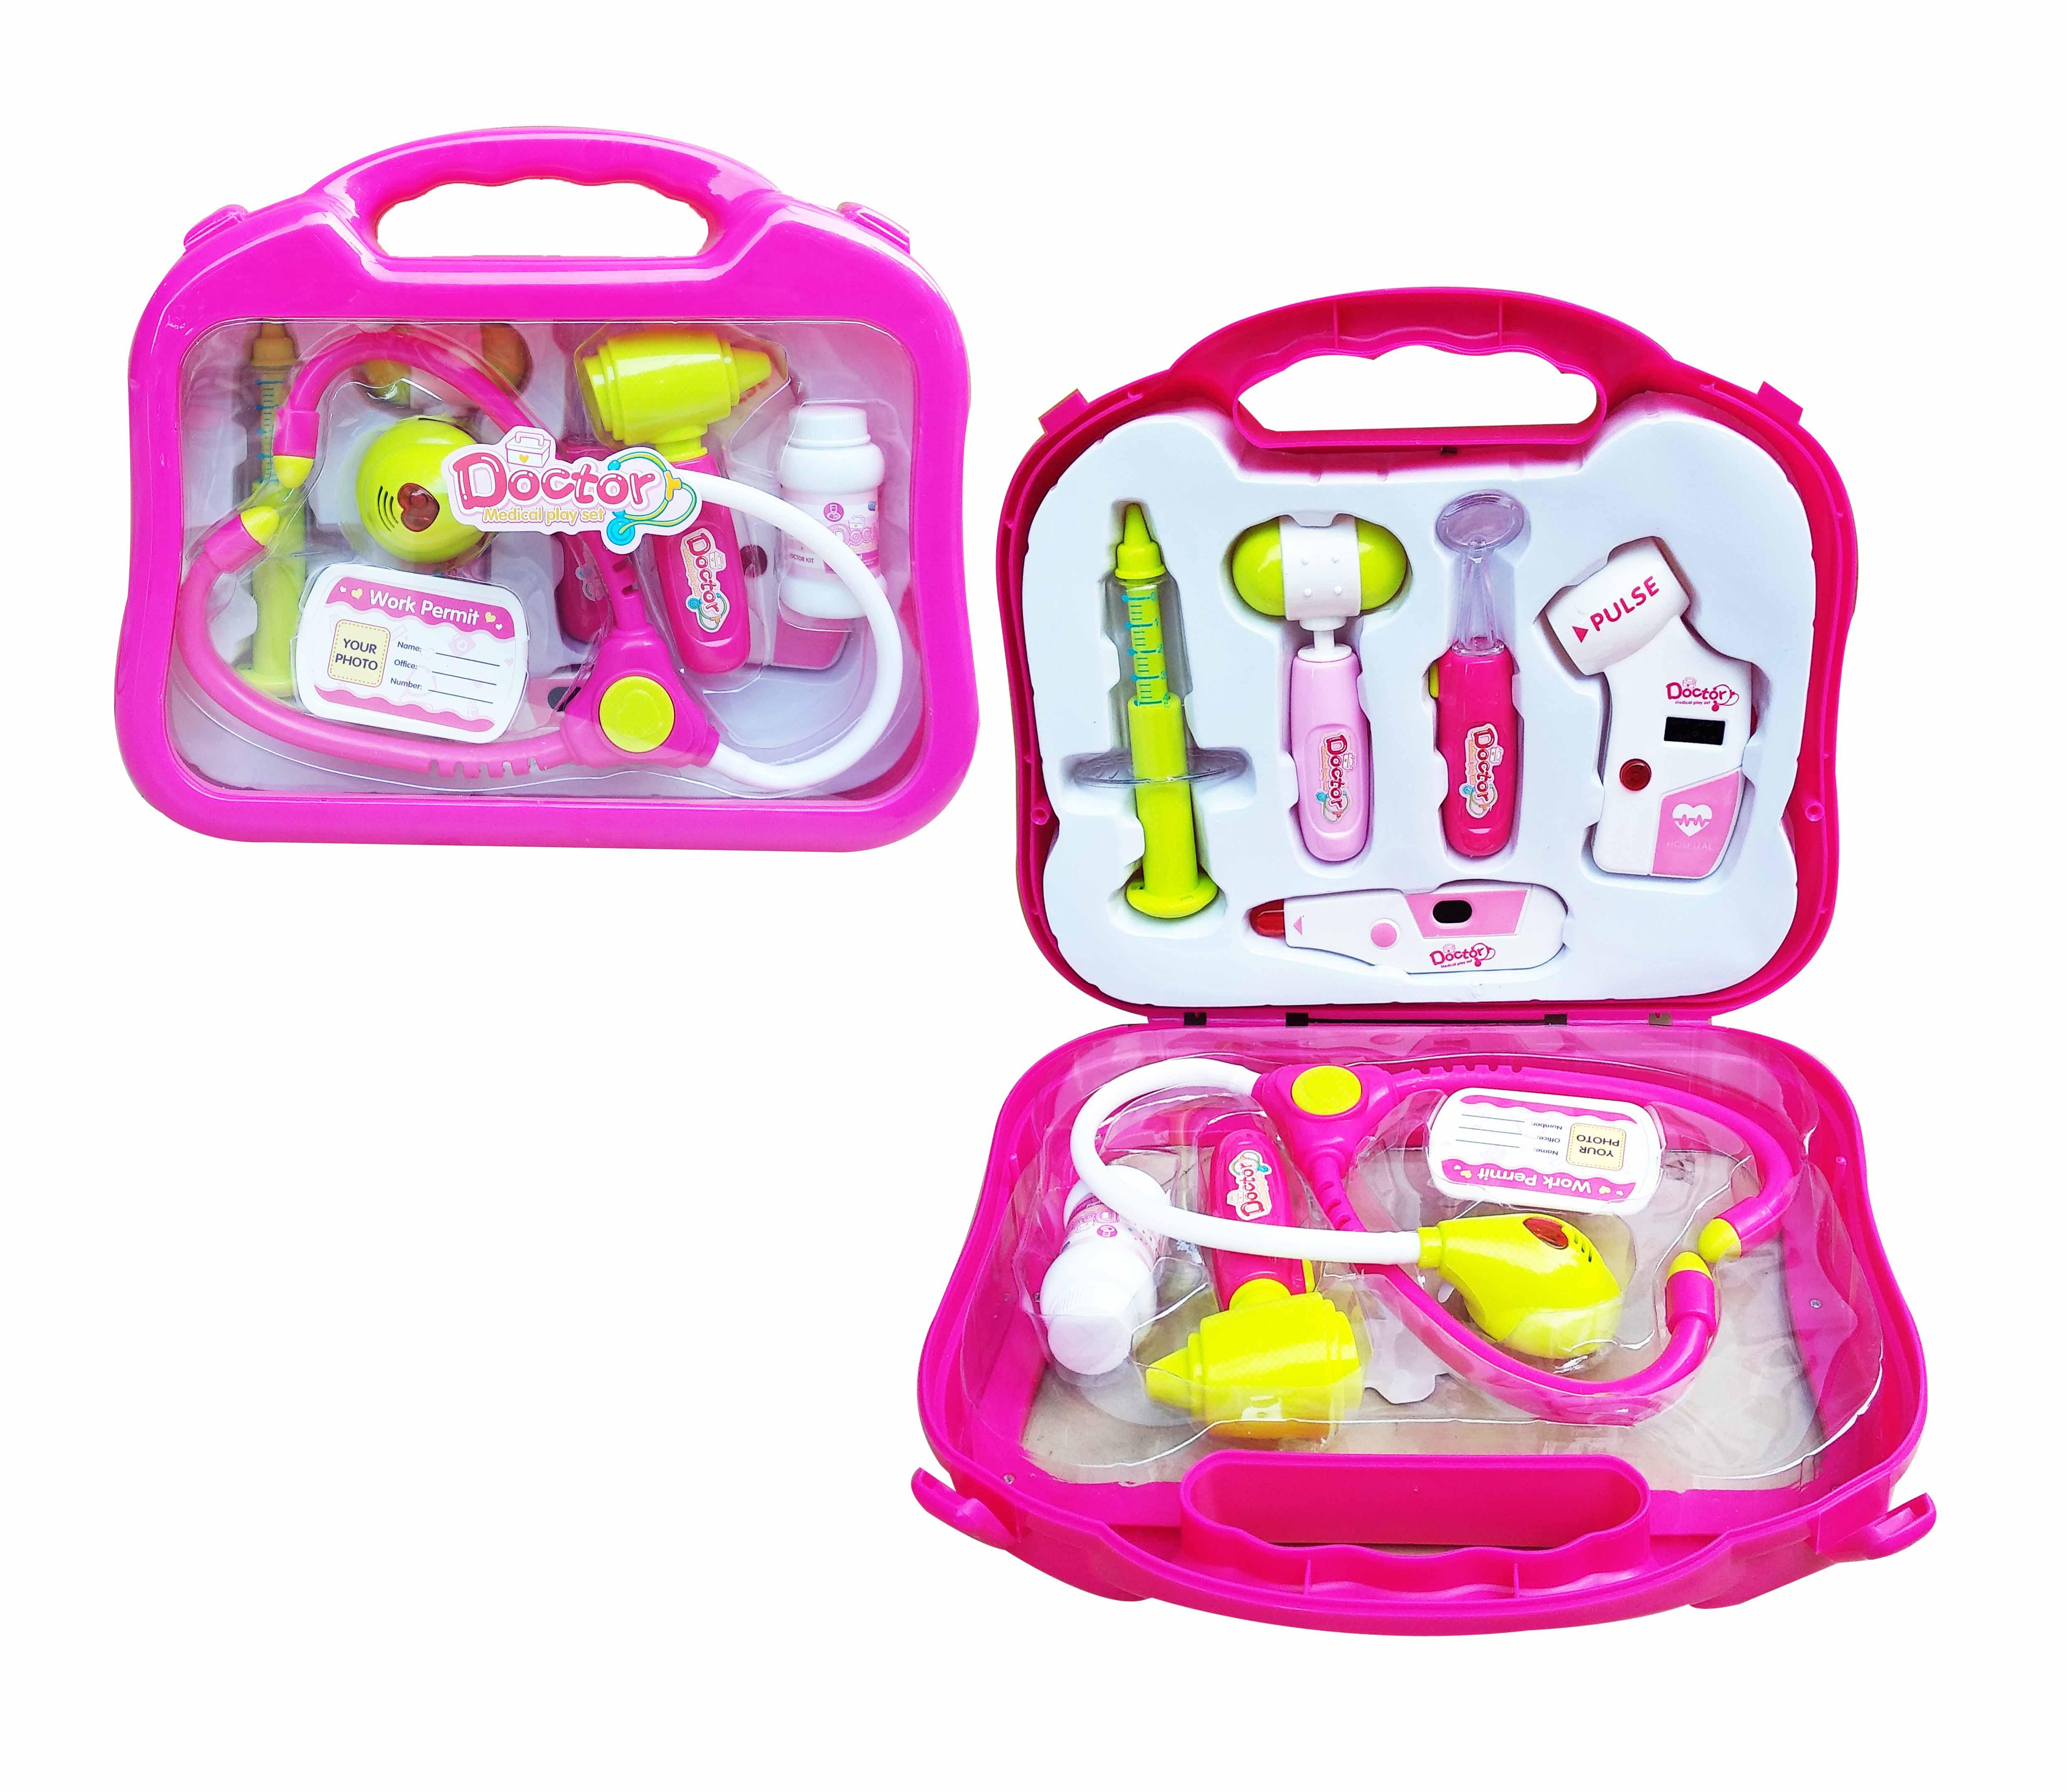 toko mainan online DOCTOR MEDICAL PLAY SET - 660-53